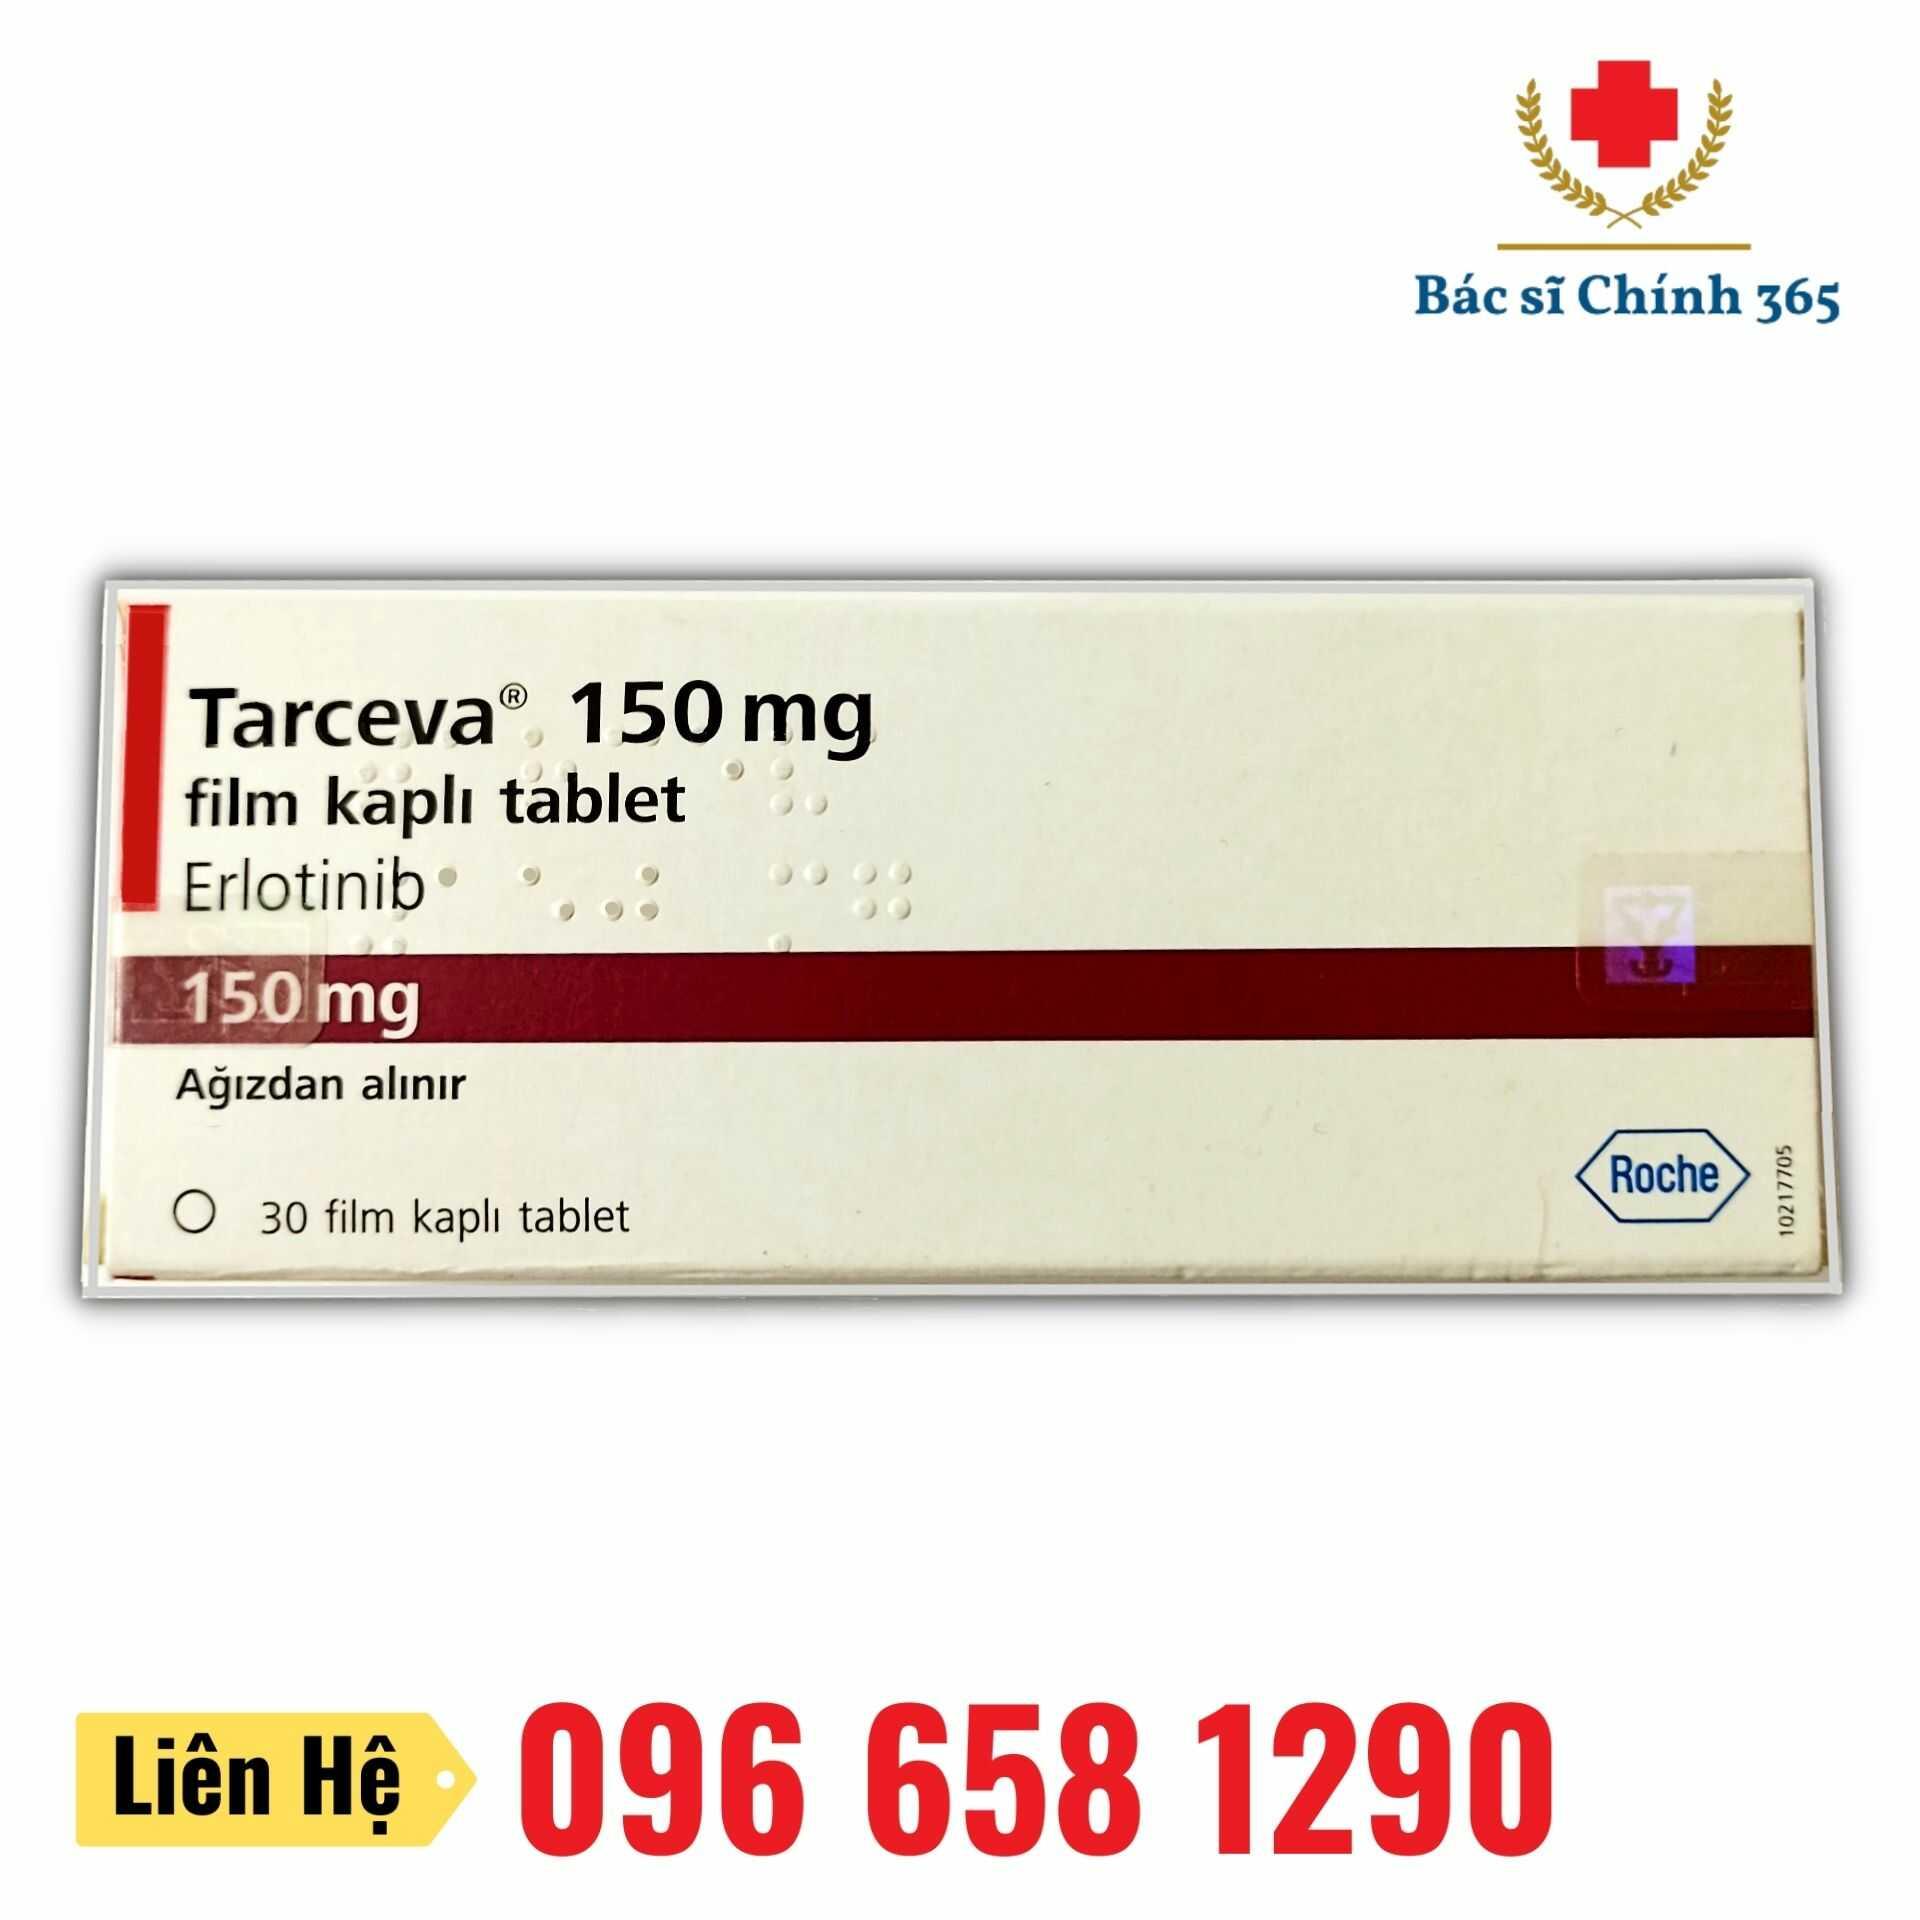 Thuốc Tarceva 150mg - Nhà thuốc Anh Chính